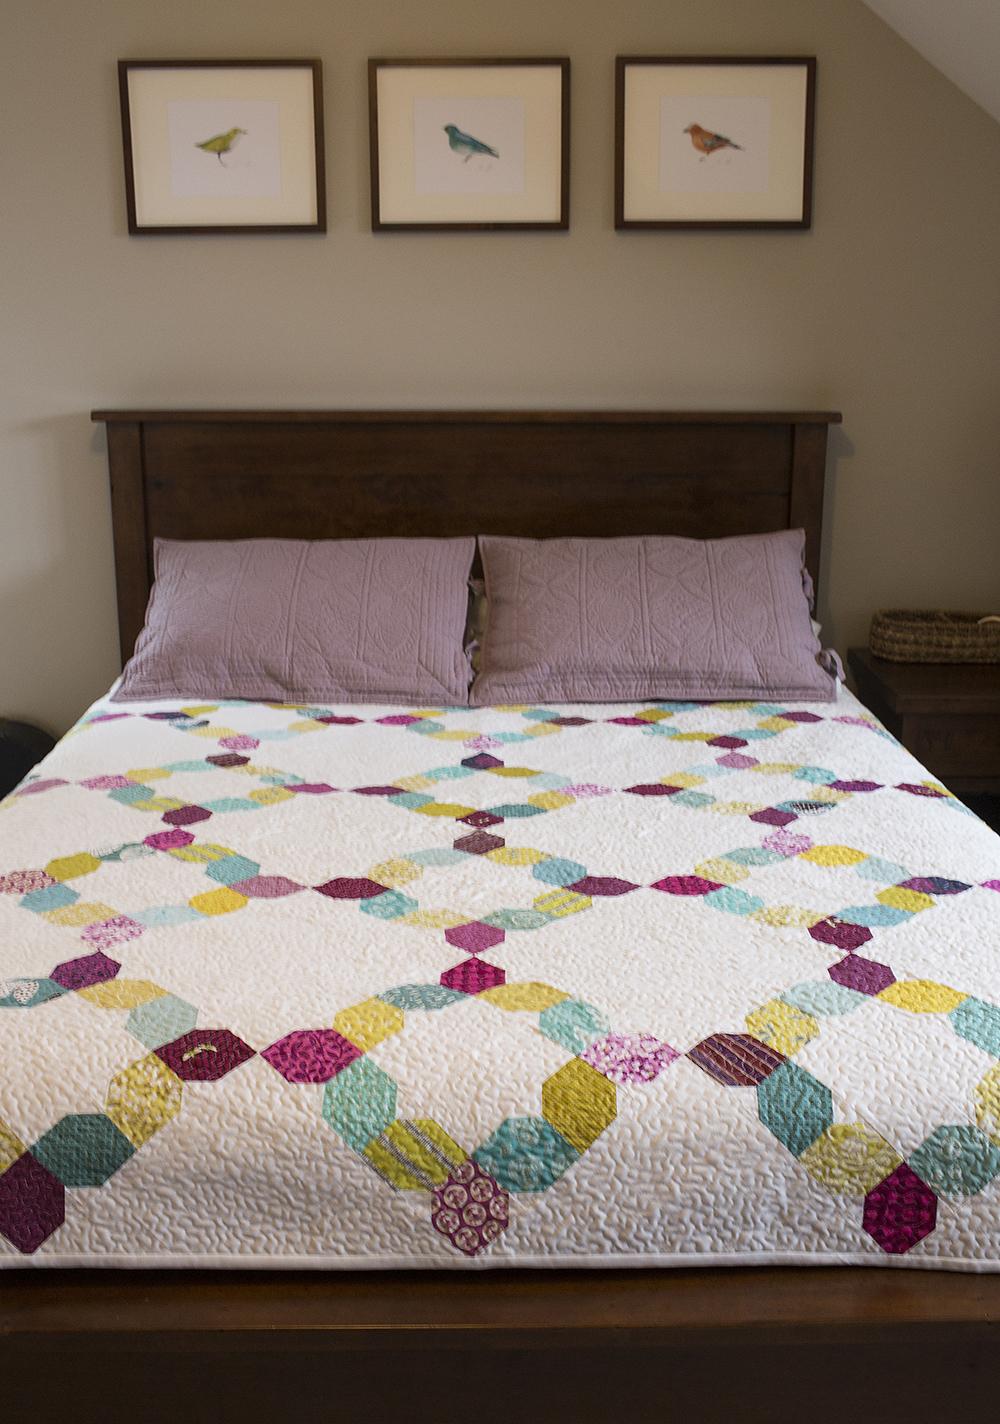 Unraveled, a quilt by Faith Jones for Scraps, Inc : Fresh Lemons Quilts